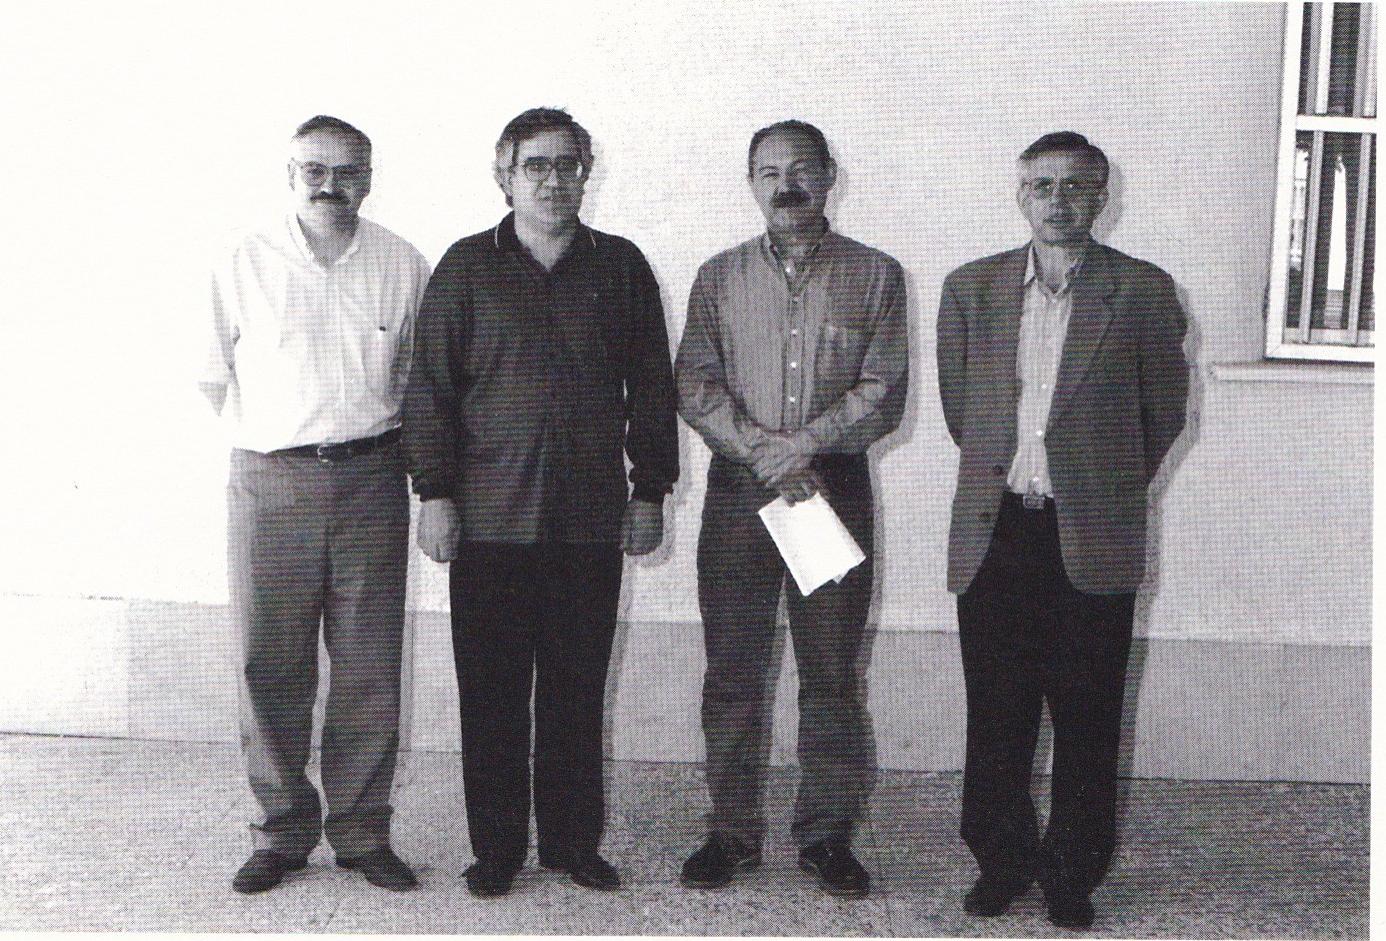 De izqda. a dcha: Vicedirector: Antonio Salinas García. Director: José Liébana Pérez. Jefe de Estudios: Ramón Soto Porras. Secretario: Carlos Rivero Sutil.